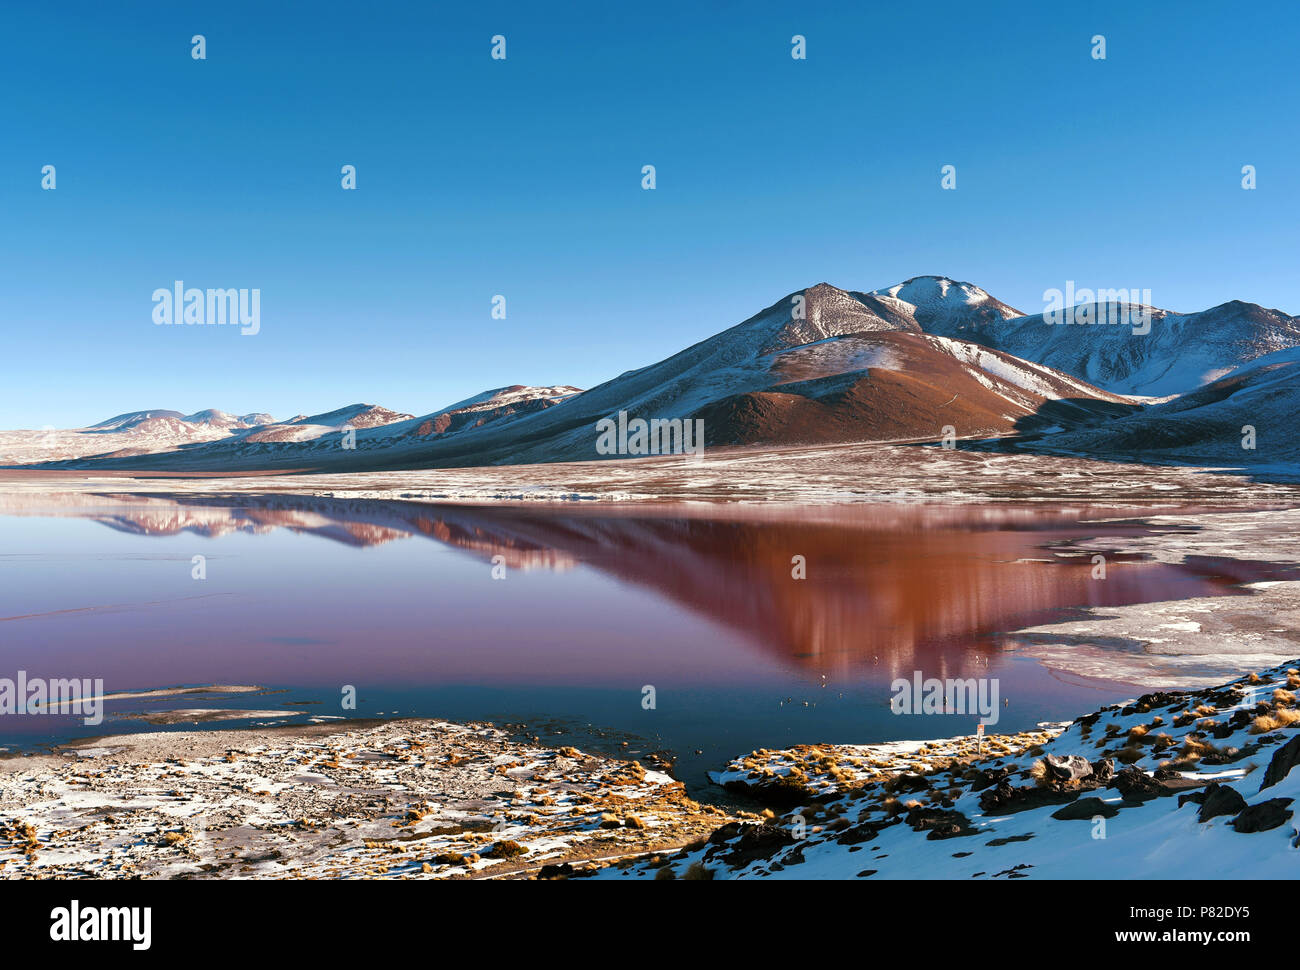 La Laguna Colorada (lagune peu profonde rouge) Salt Lake dans le sud-ouest de la Bolivie, au sein de la faune andine Eduardo Avaroa réserve nationale. Photo Stock